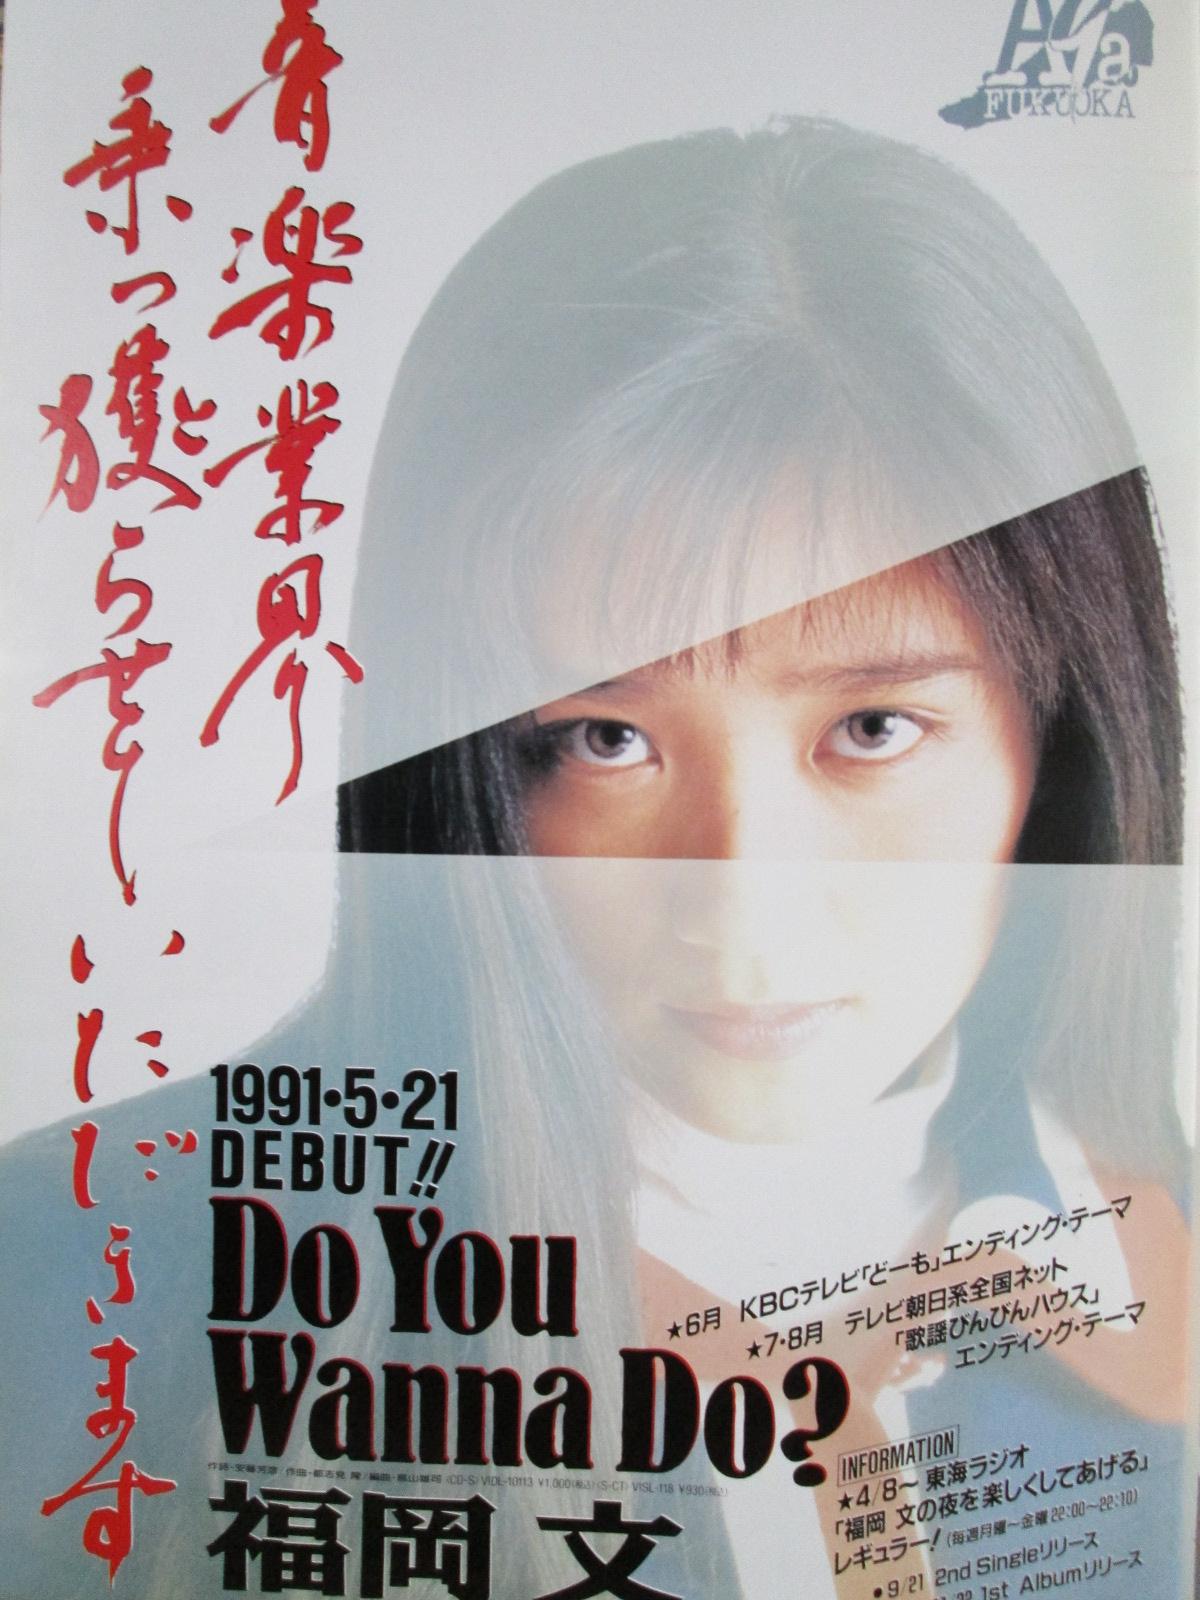 Doyouwana2